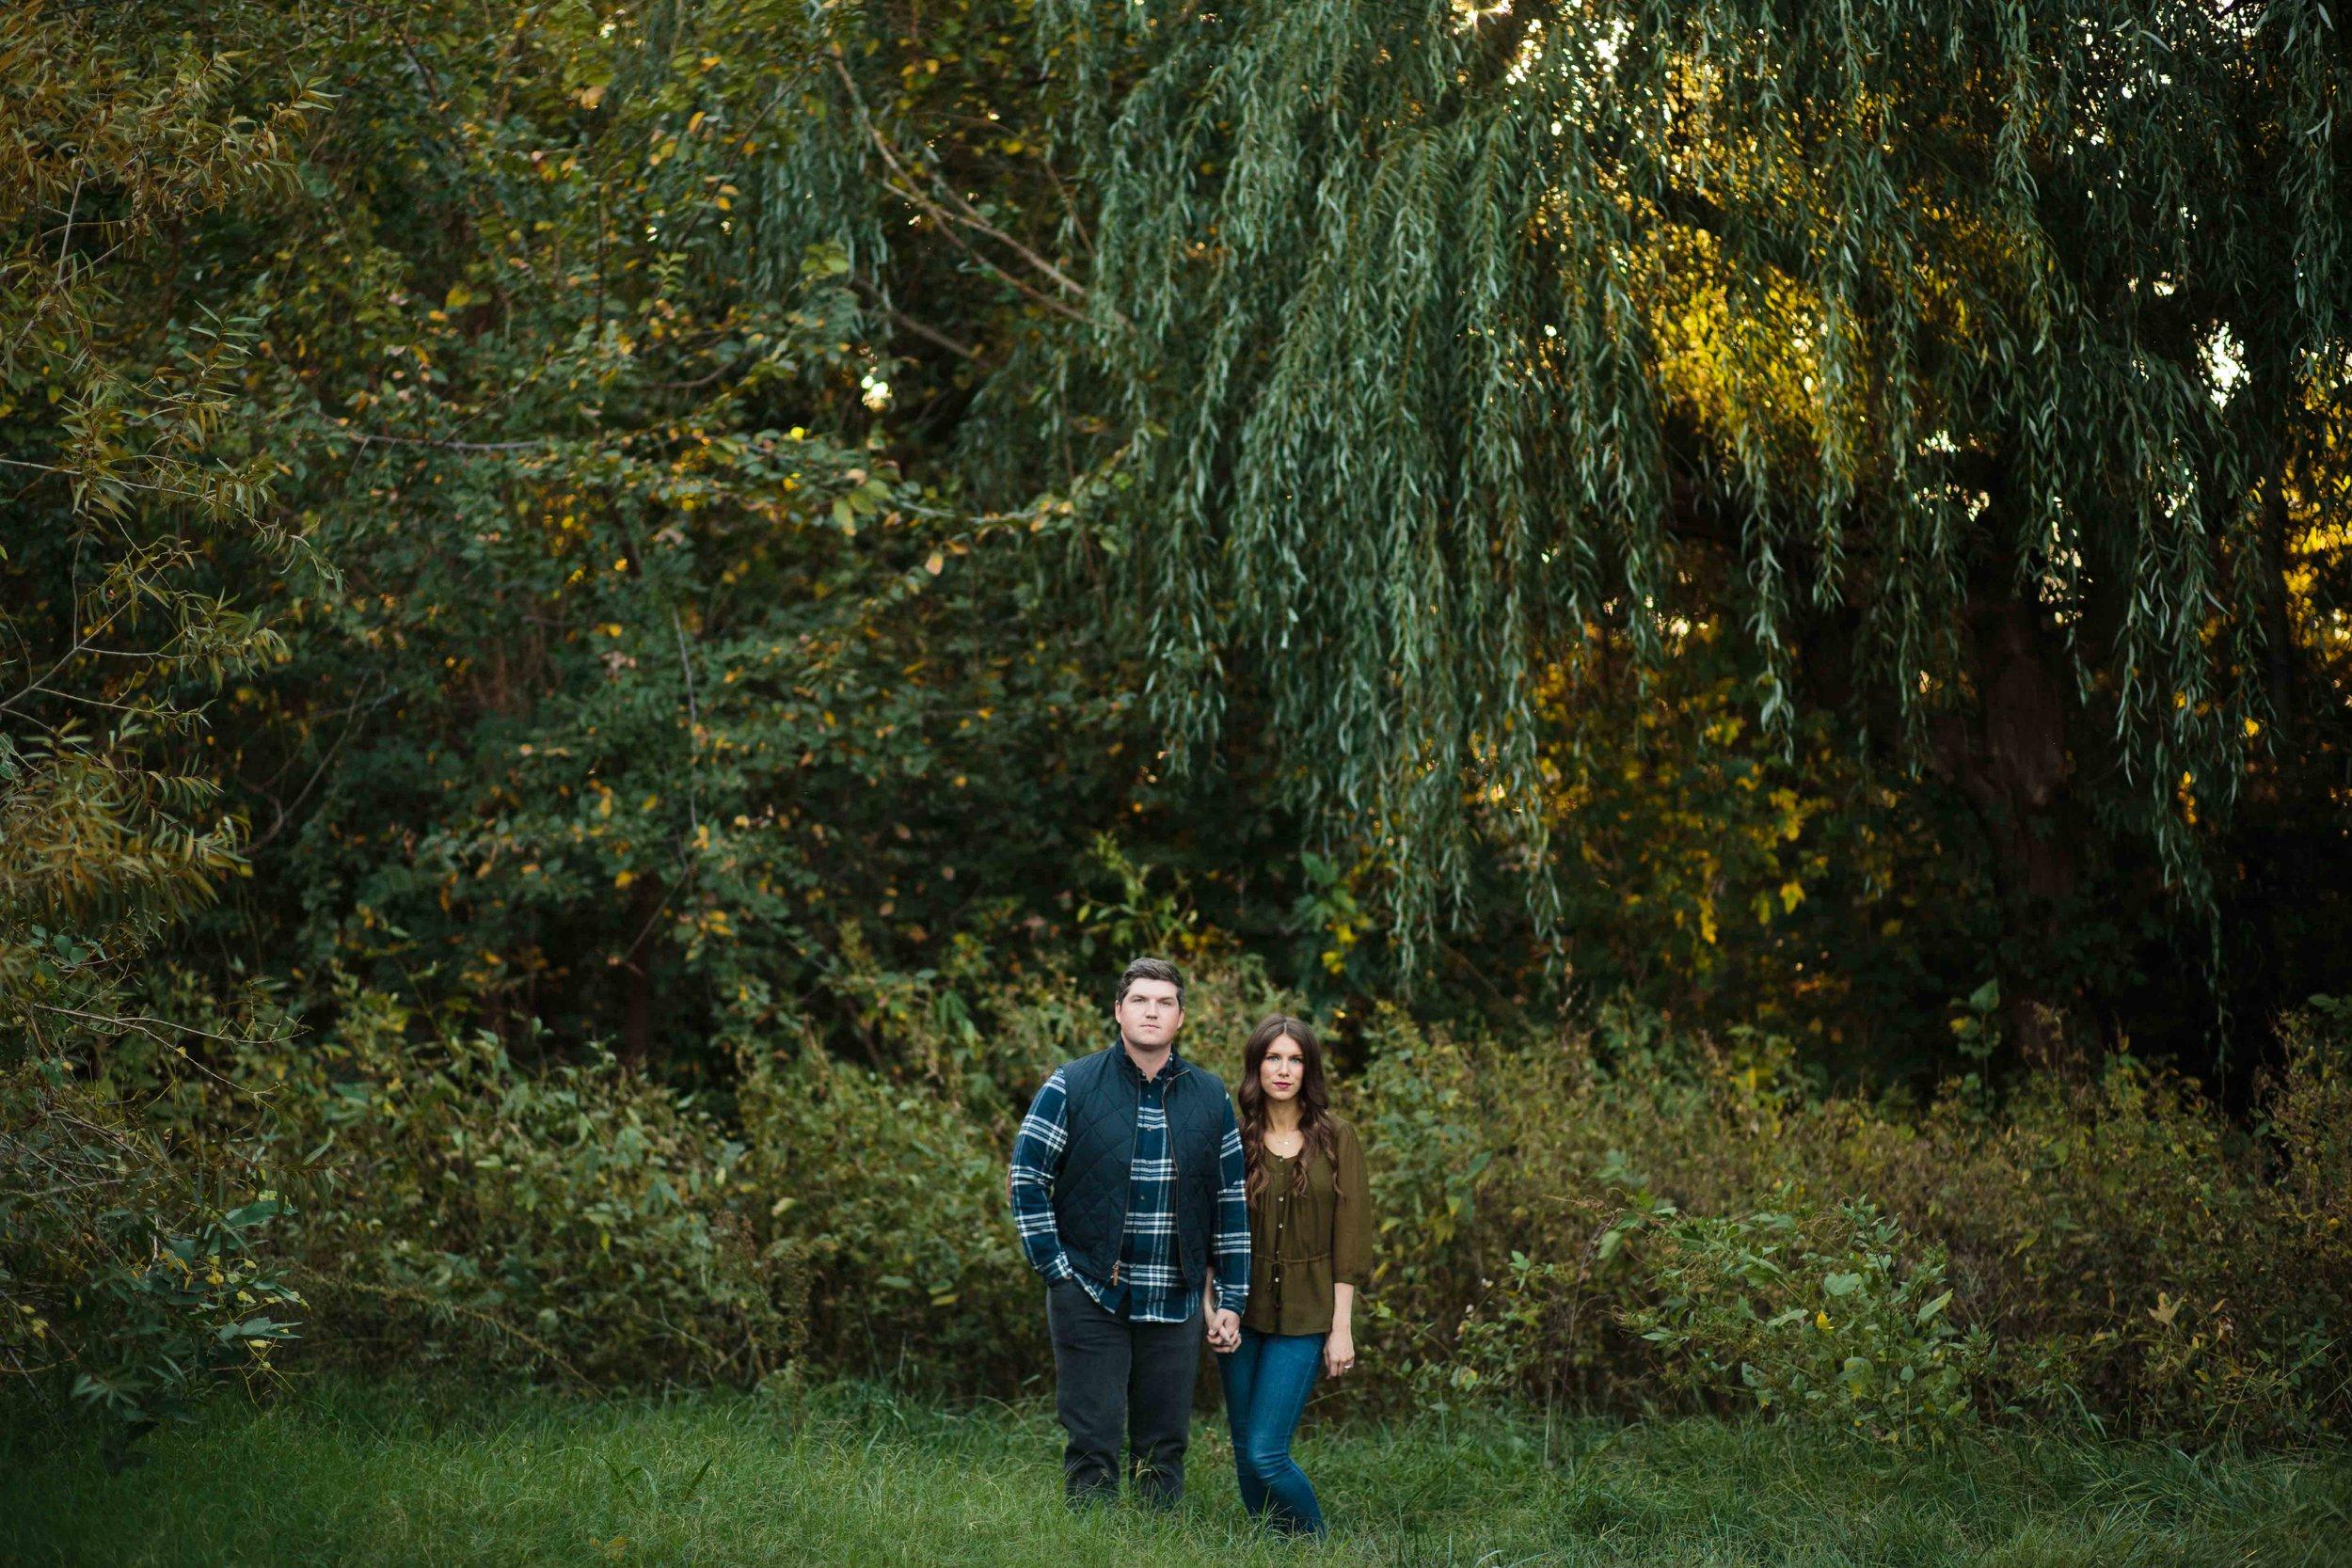 couples_photographer_oklahoma_modern.jpg